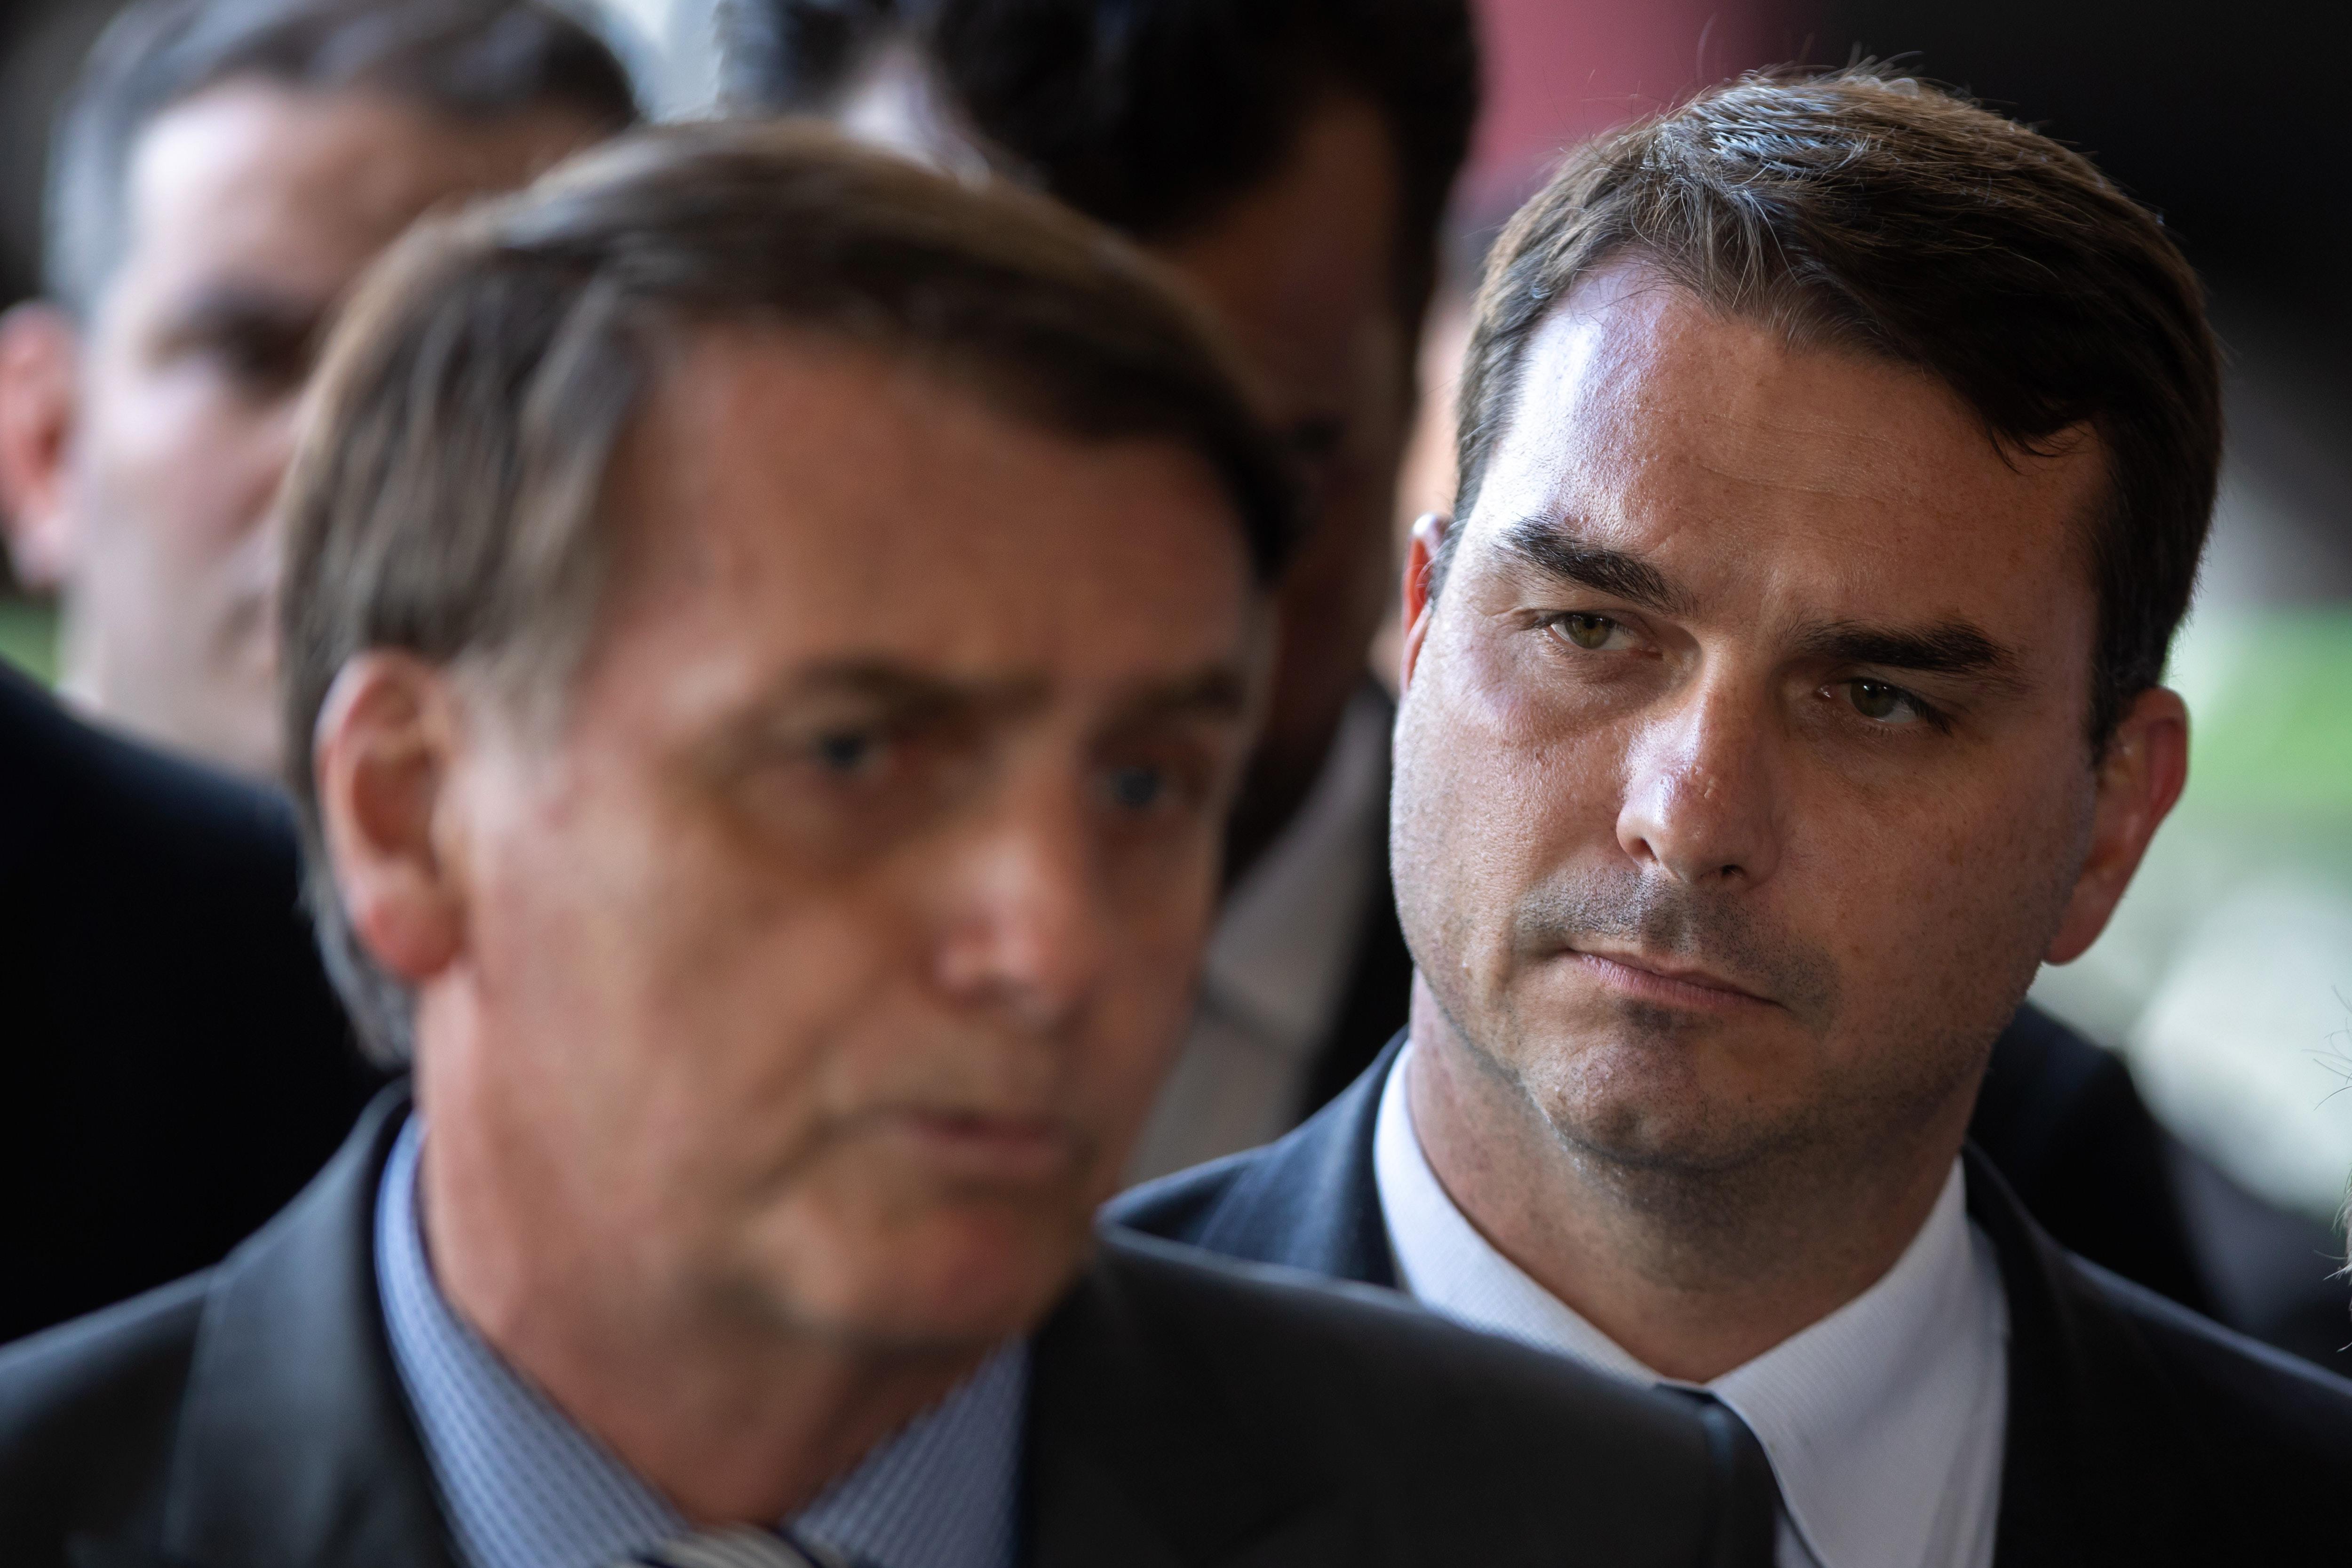 Szervezett bűnözéssel vádolják Bolsonaro egyik fiát